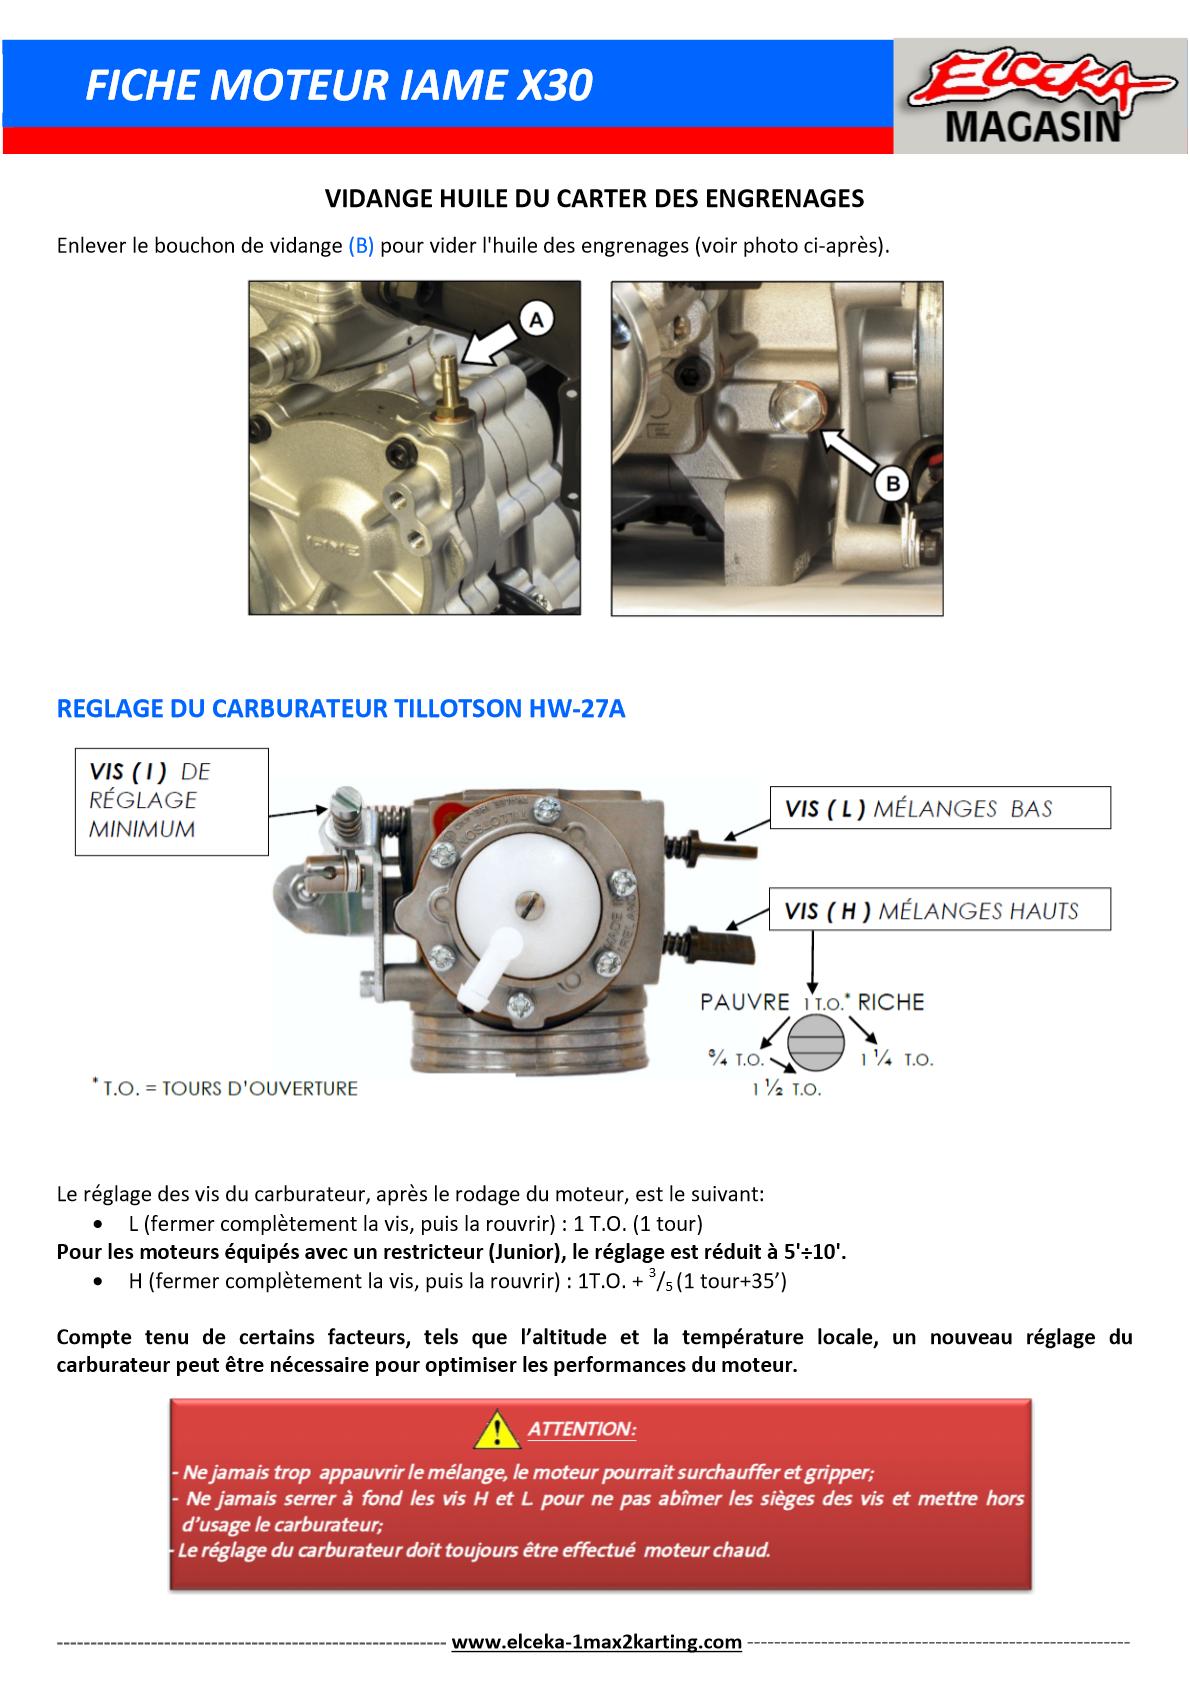 FICHE MOTEUR IAME X30 PAGE 2 SUR 3